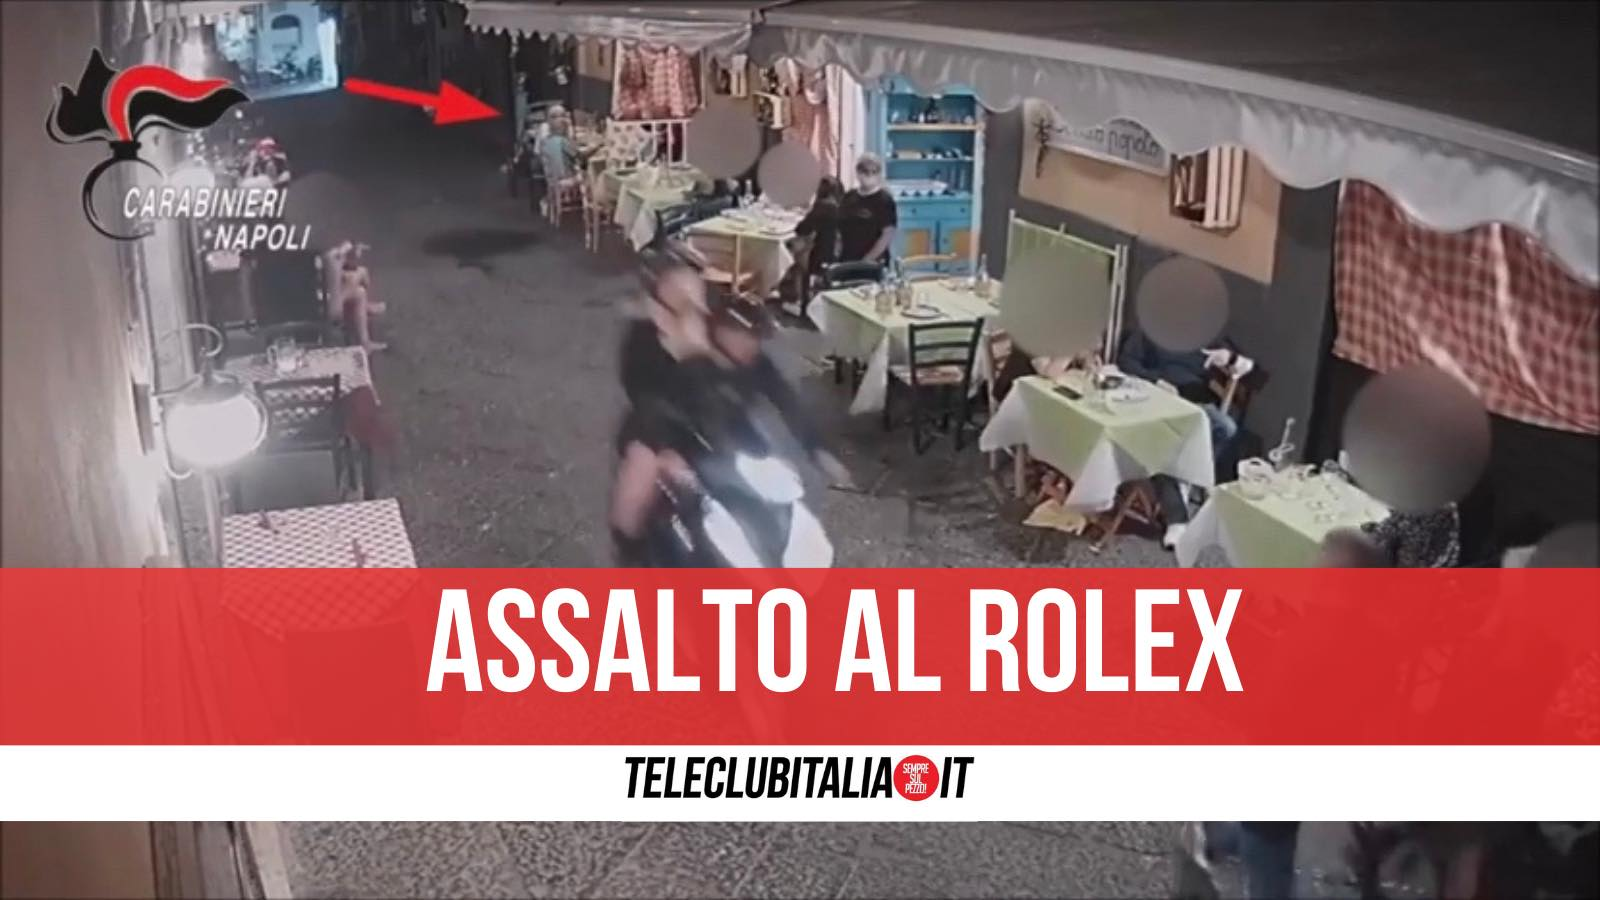 quartieri spagnoli rapinati turisti due arresti